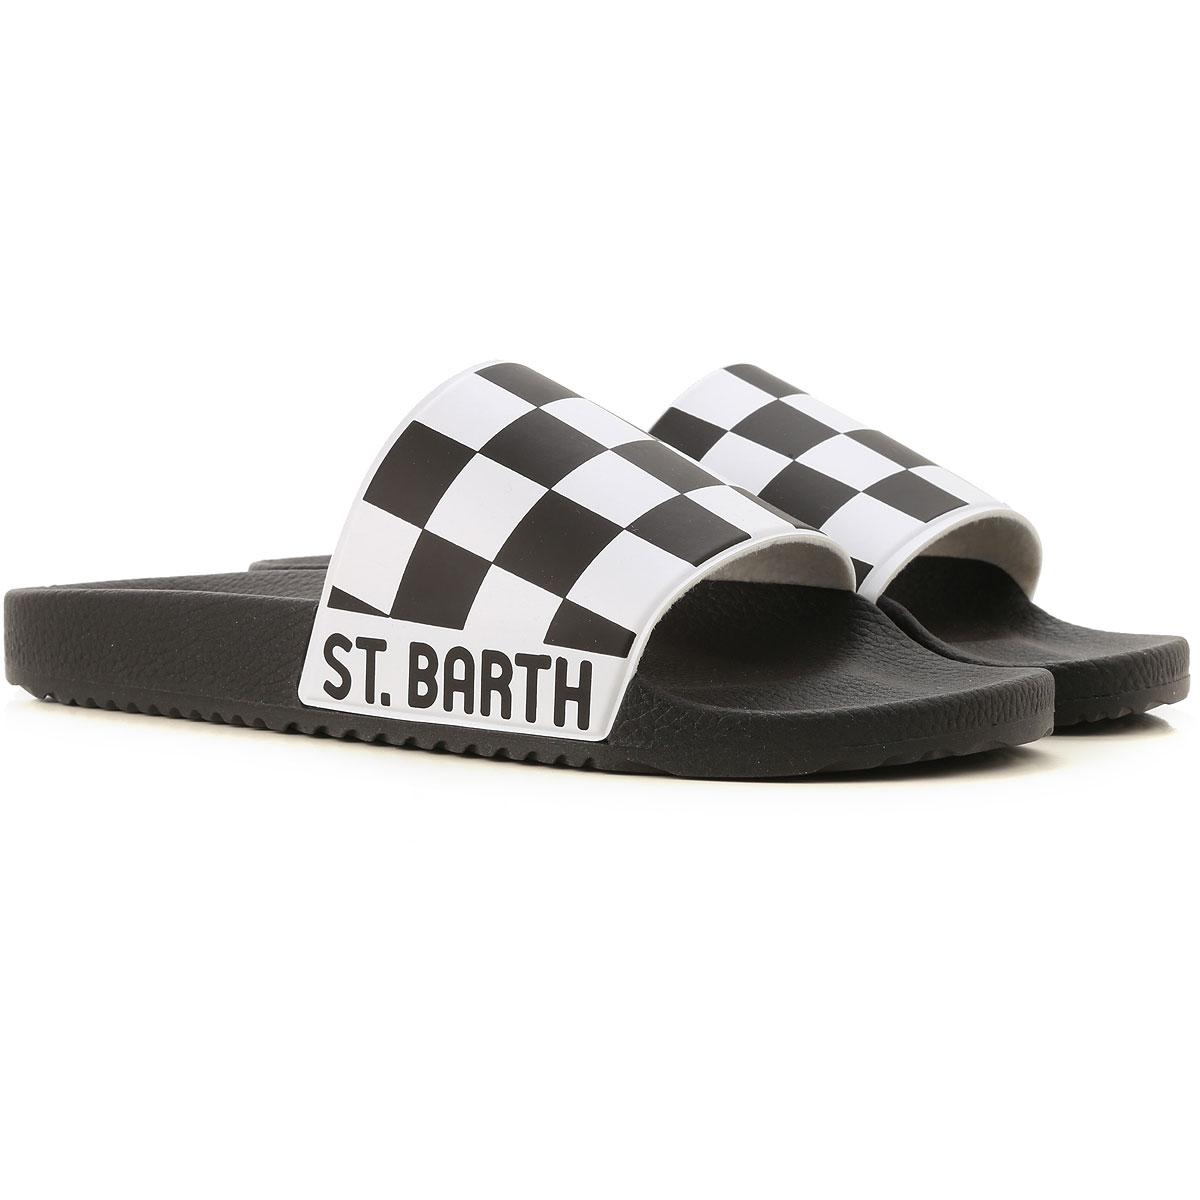 Mc2 Saint Barth Chaussure Tong Homme Pas cher en Soldes Outlet, Noir, PVC, 2019, EU 41-42 EU 45-46